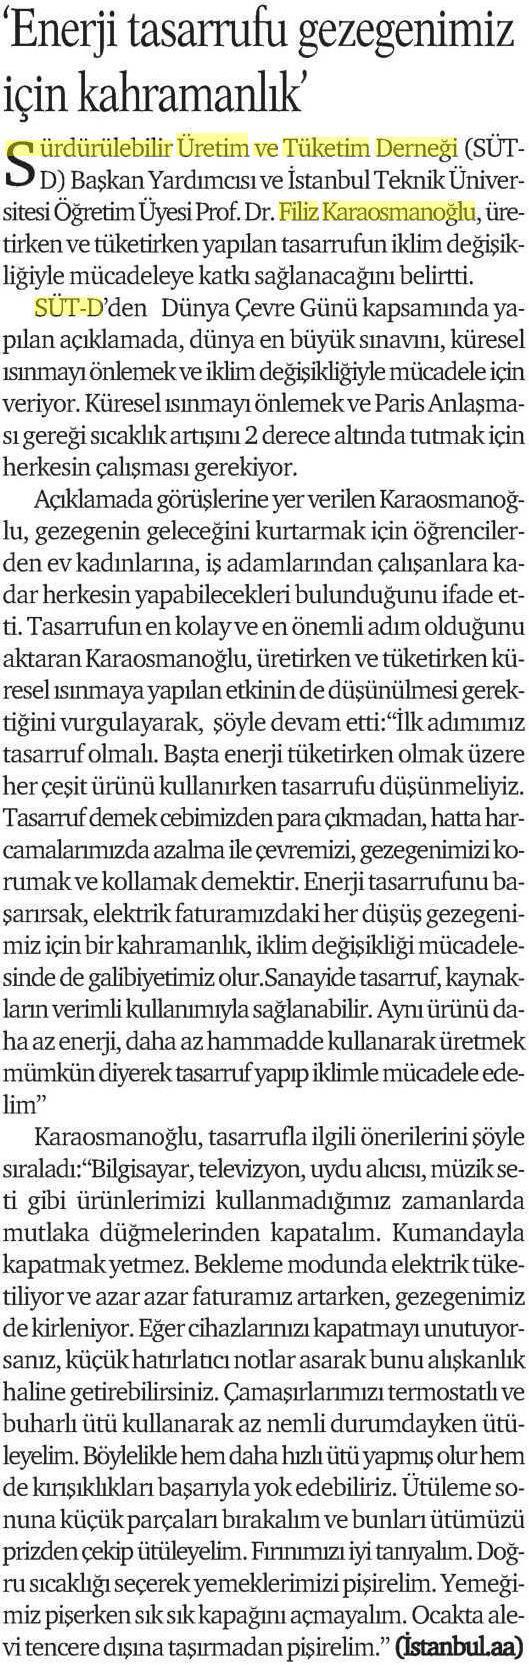 Hürses 04.06.2016